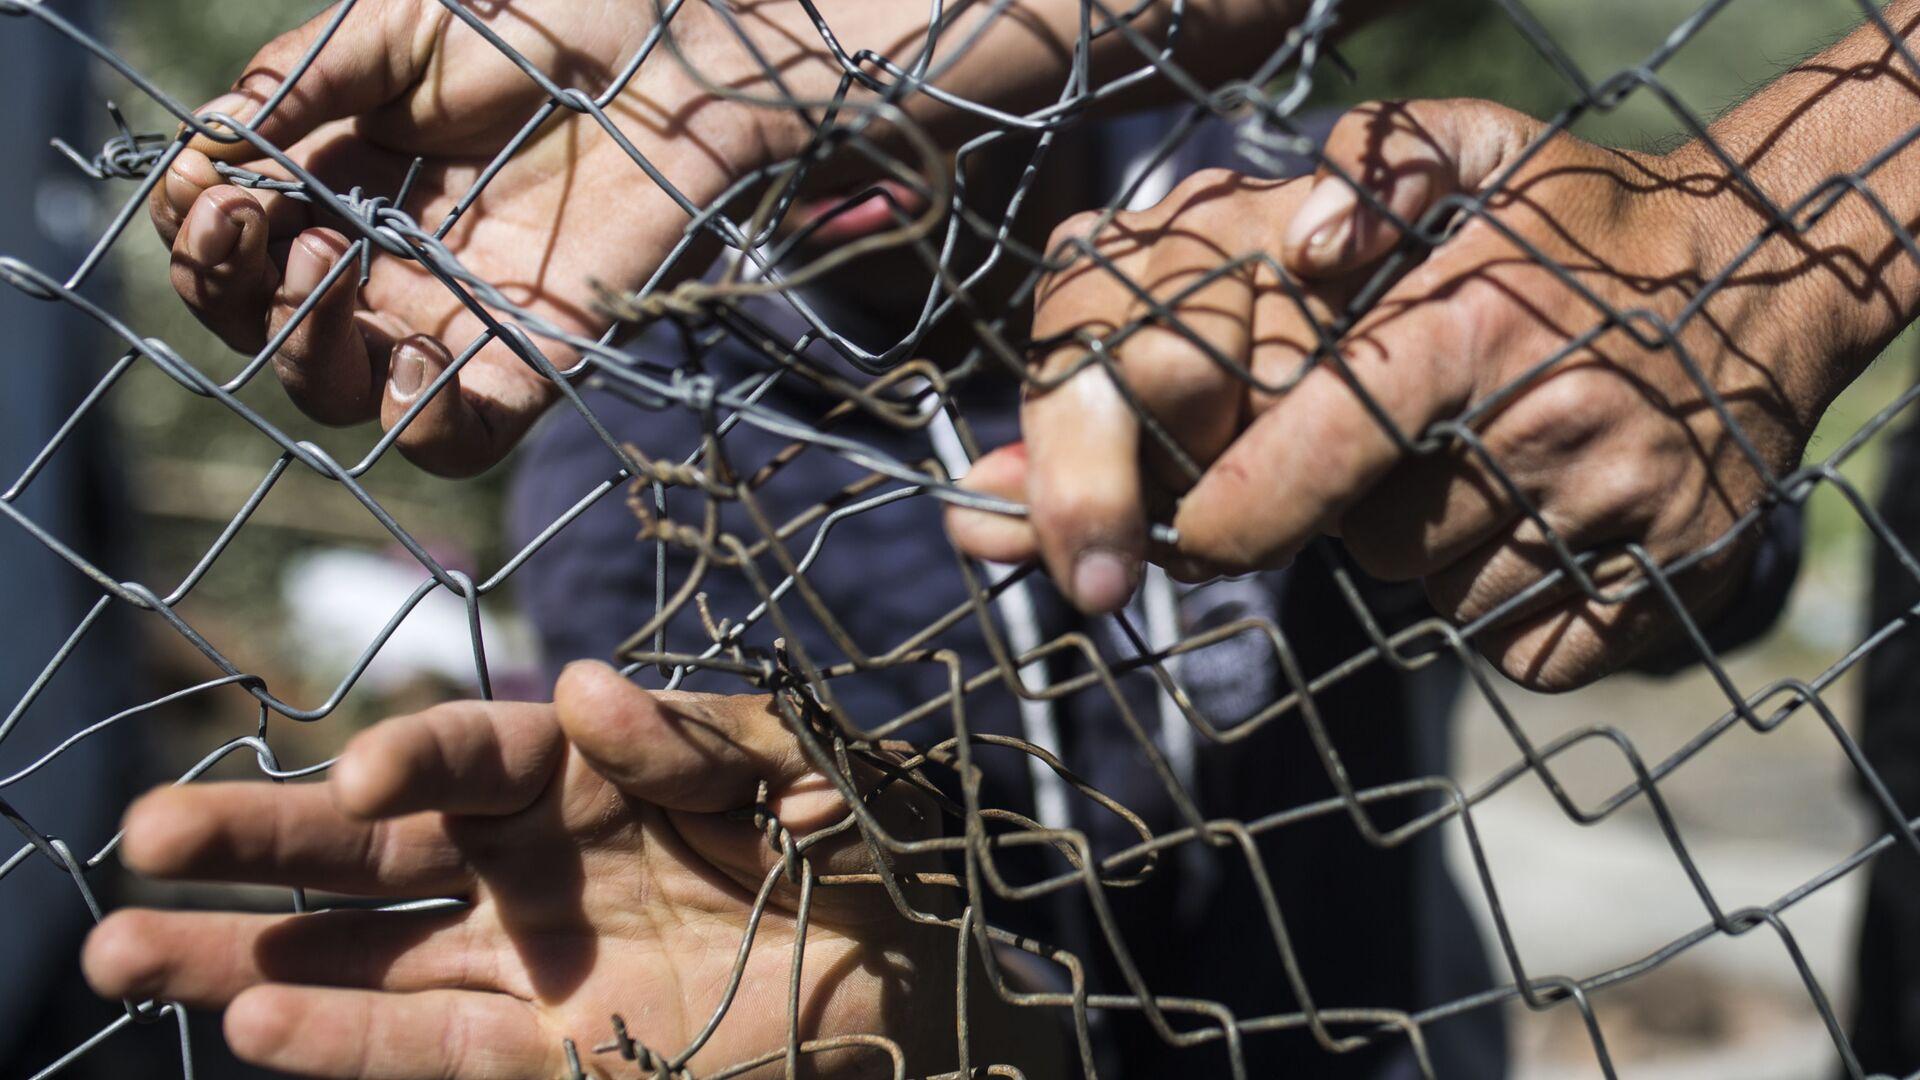 8mila migranti raggiungono Ceuta negli ultimi due giorni, la Spagna schiera l'esercito